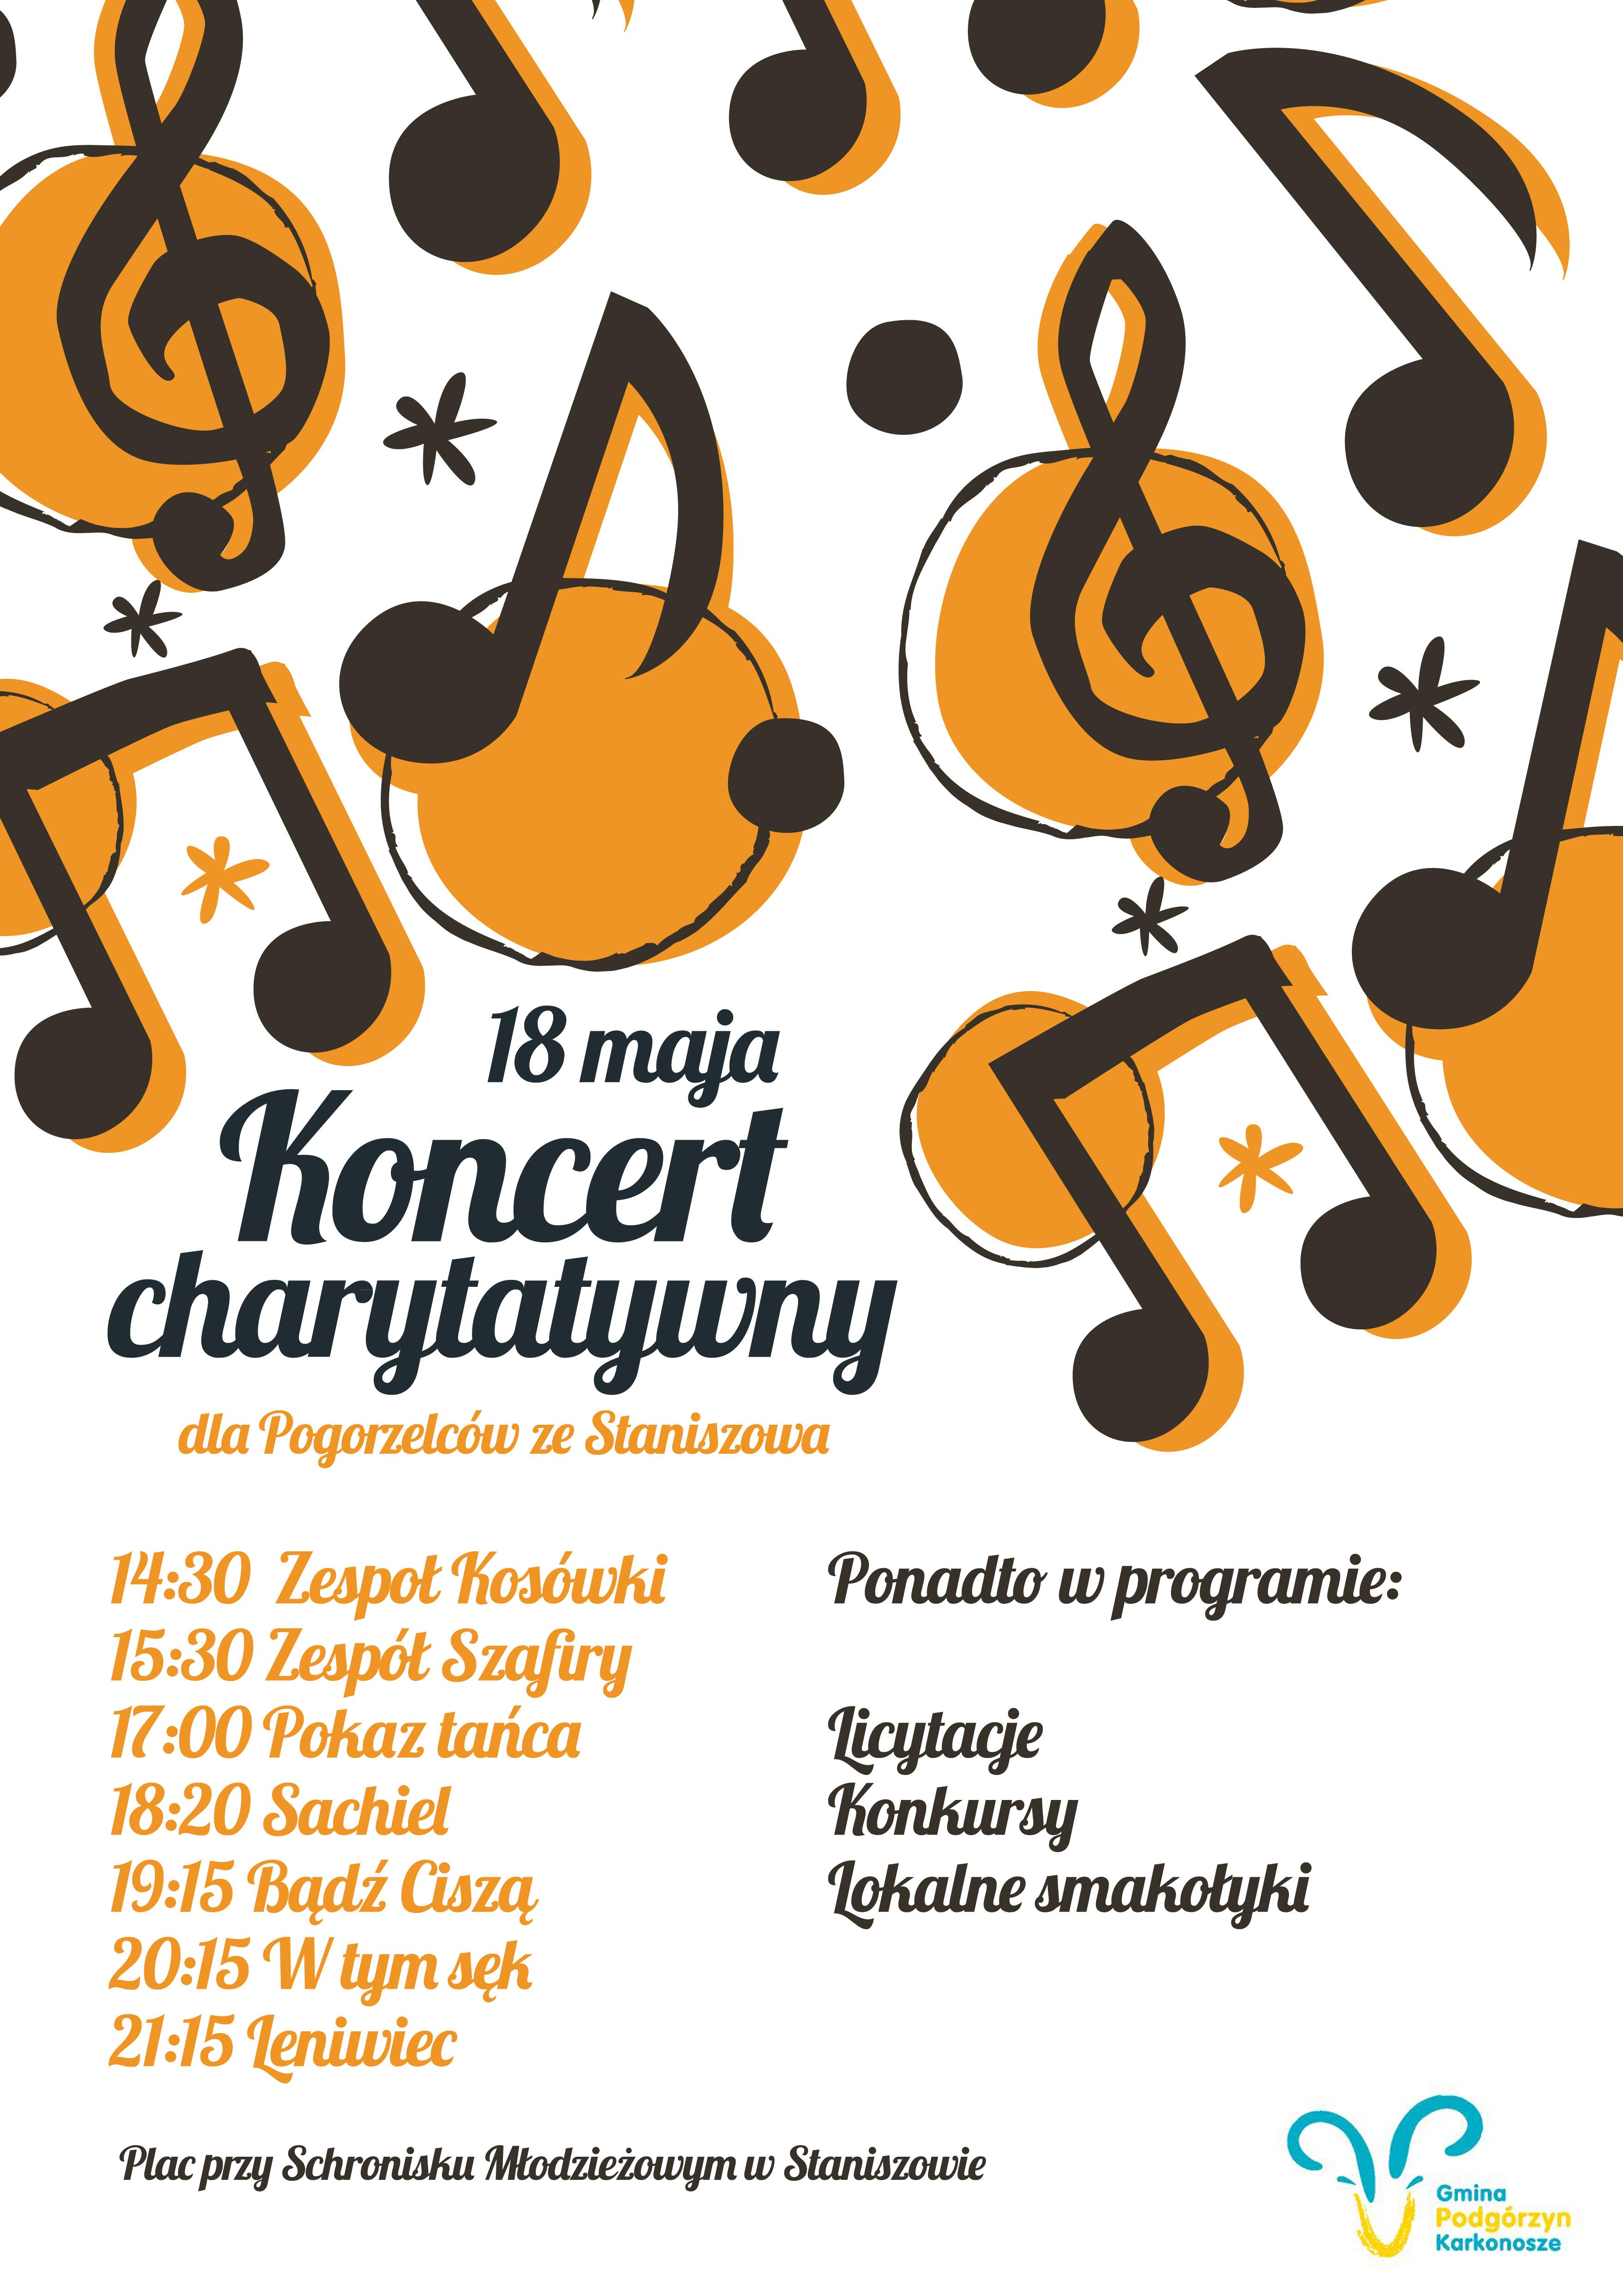 Koncert charytatywny dla pogorzelców ze Staniszowa